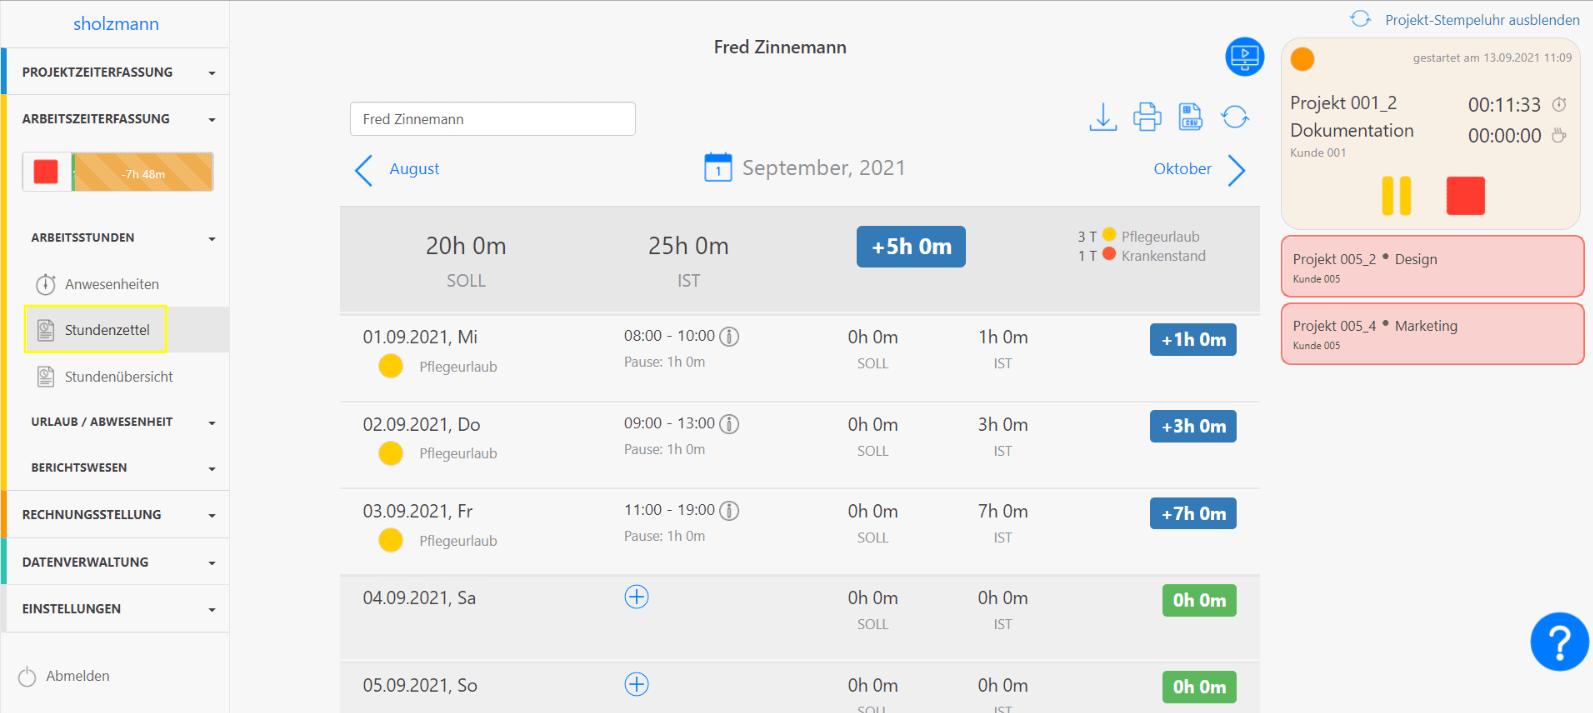 Projekt-Stempeluhr Stundenzettel